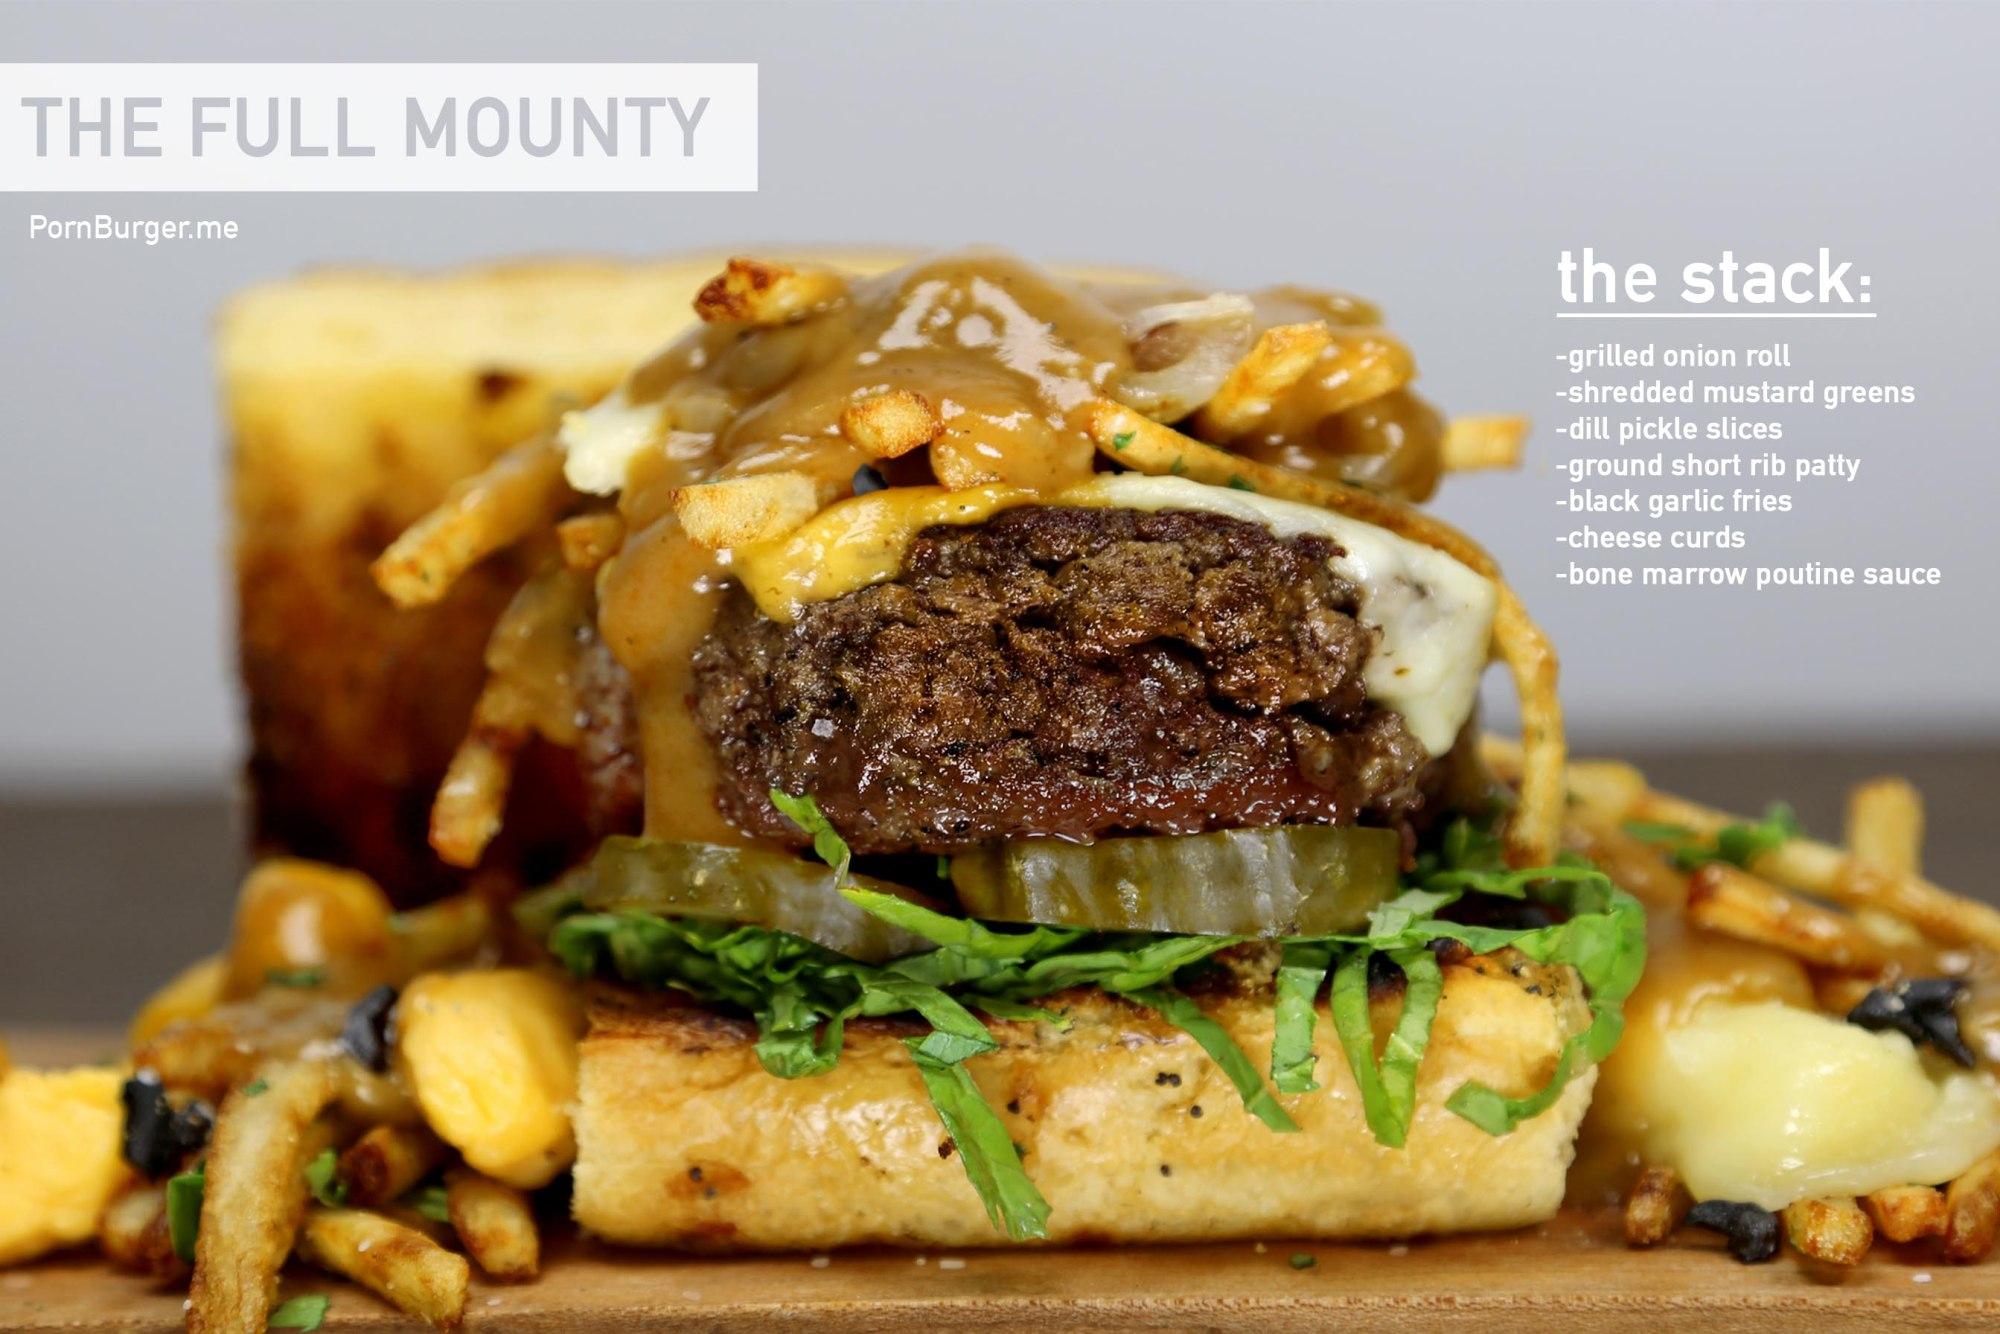 The Full Mounty Burger